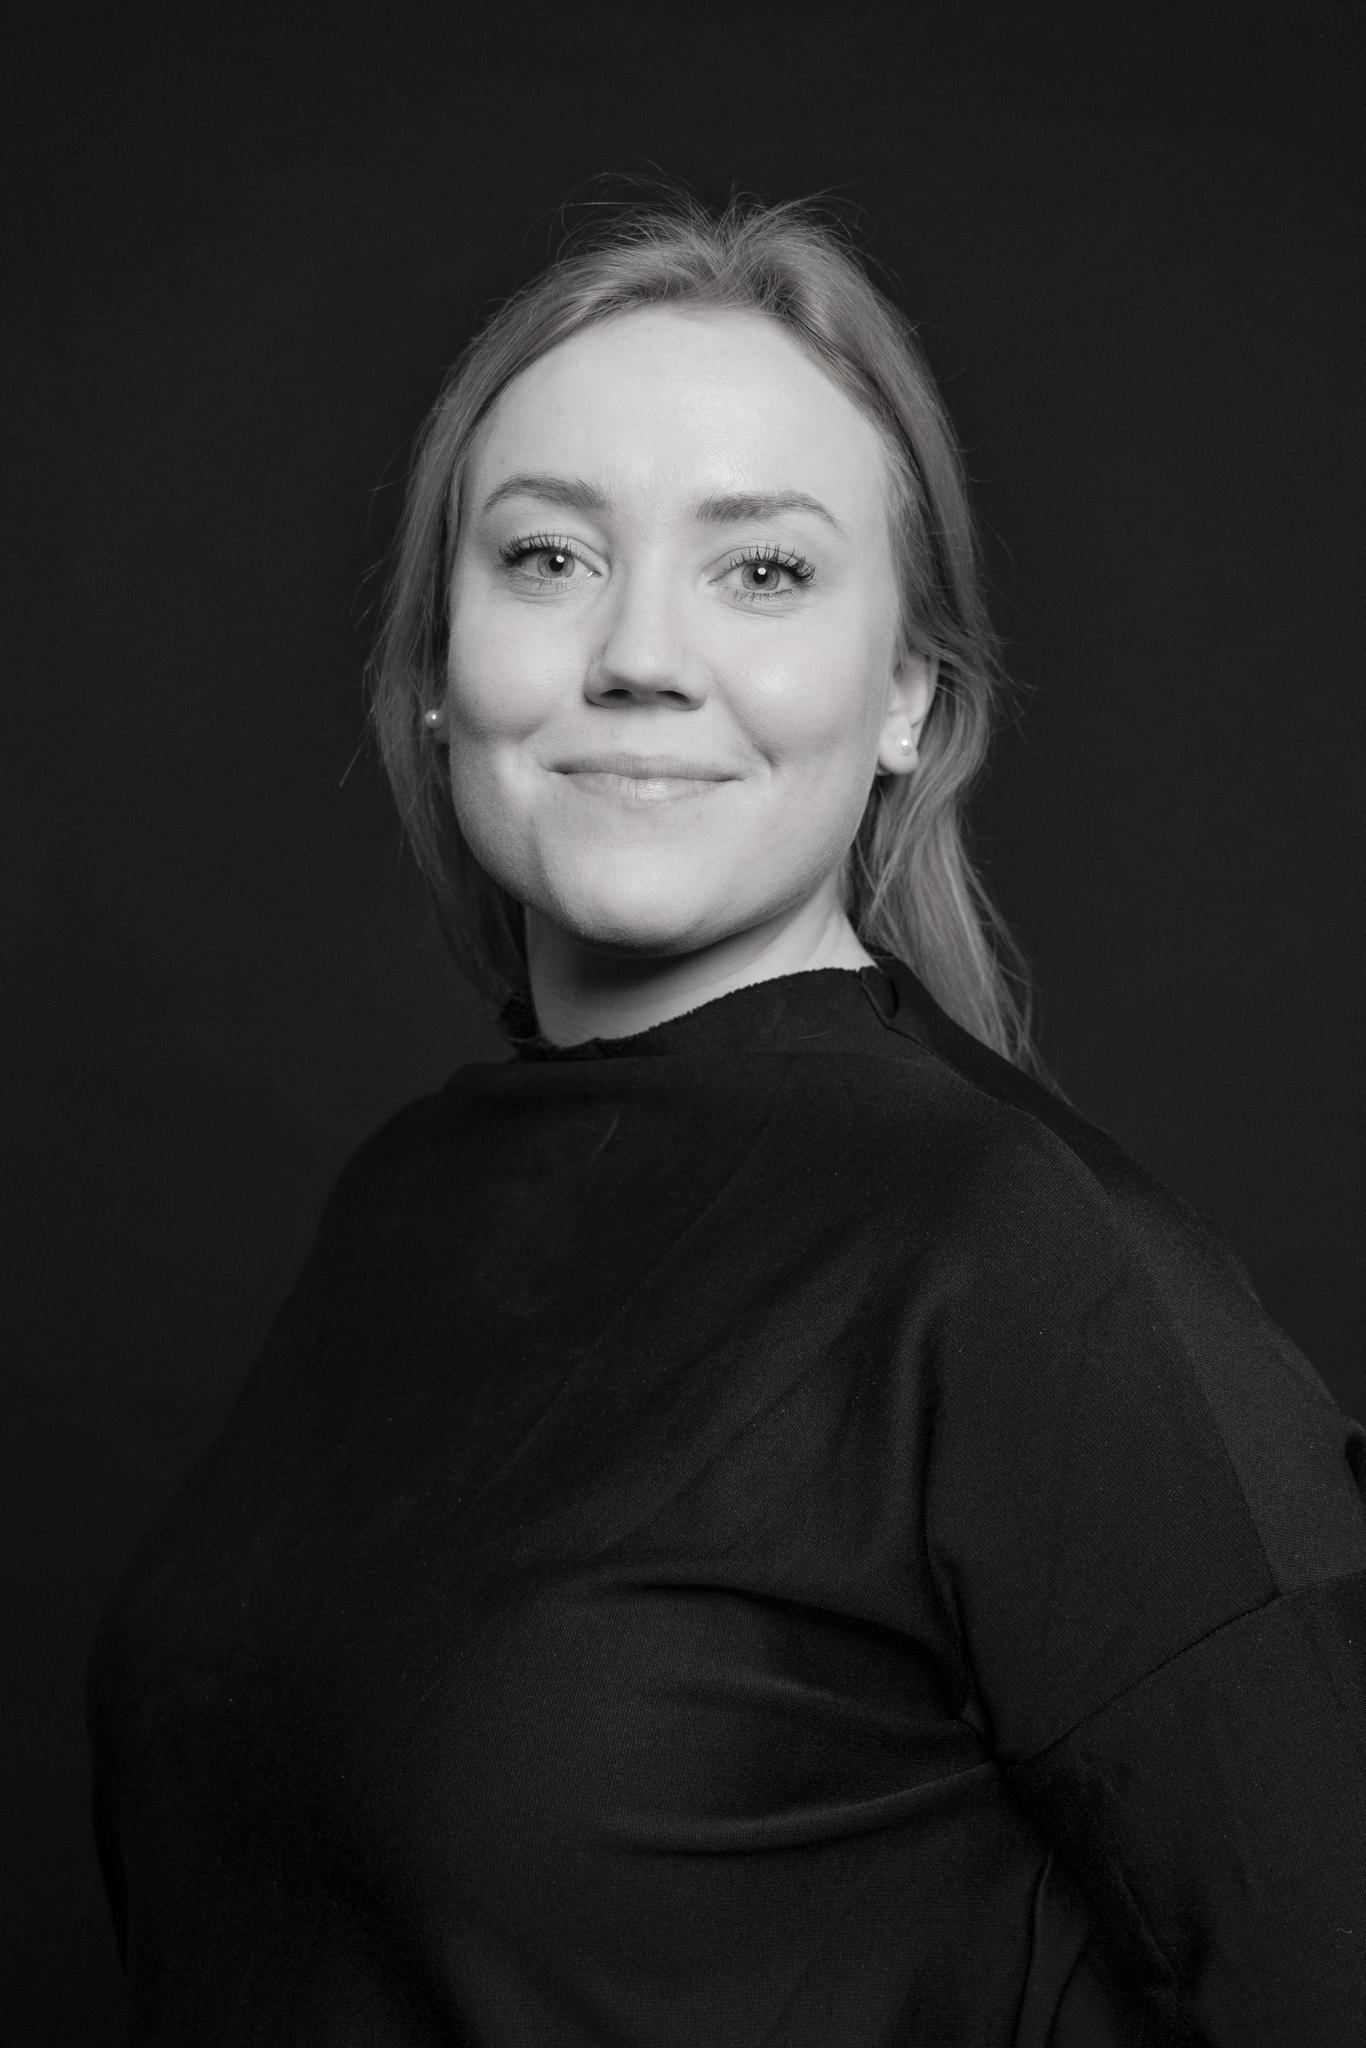 Svanhild Skrede image 1